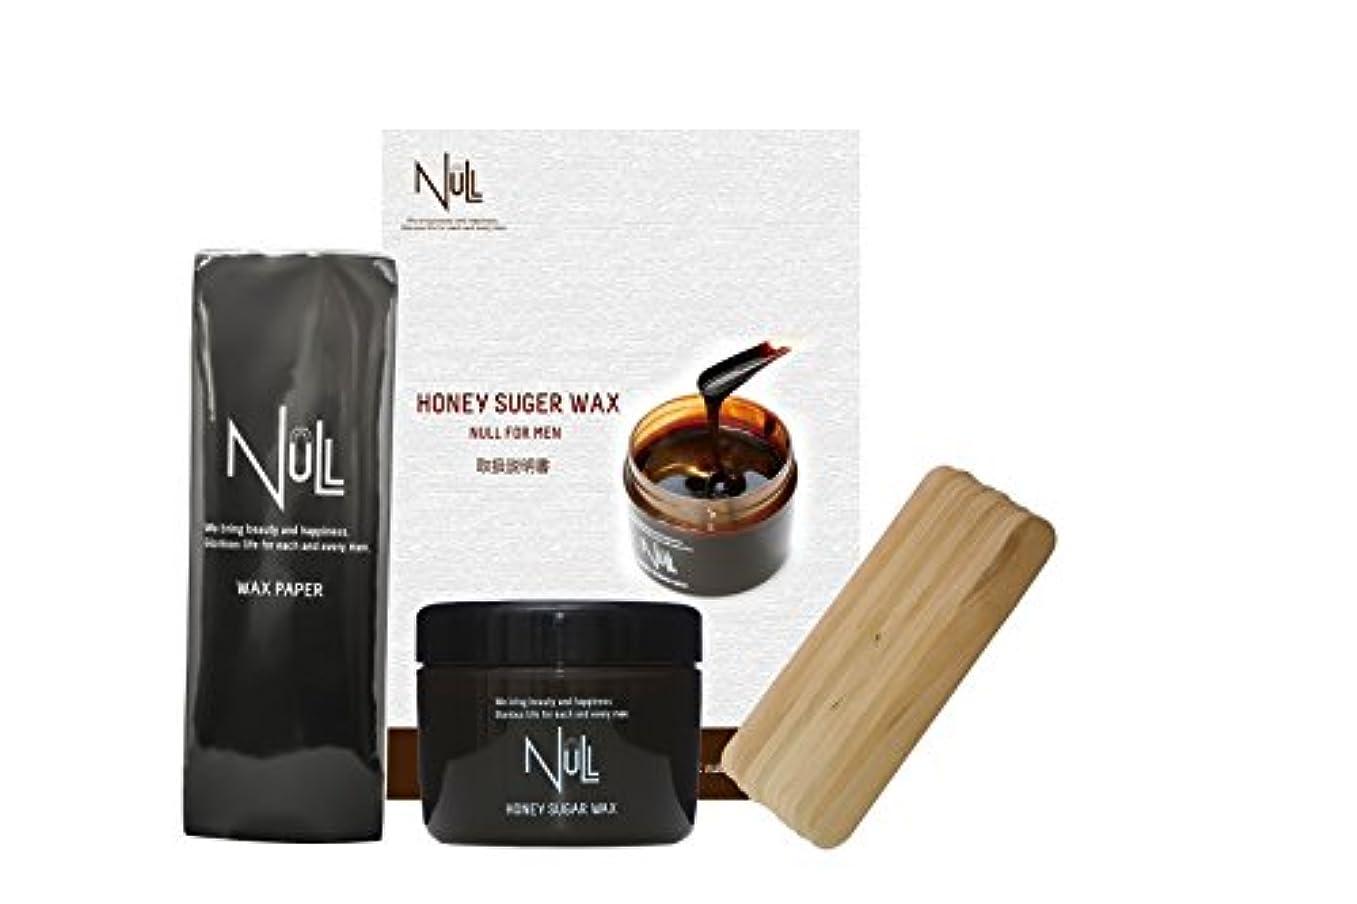 盗賊自分の契約したNULL ブラジリアンワックス メンズ 脱毛ワックス スターターキット (ワックスペーパー+スパチュラ+説明書付)(陰部/VIO/アンダーヘア/ボディ用)